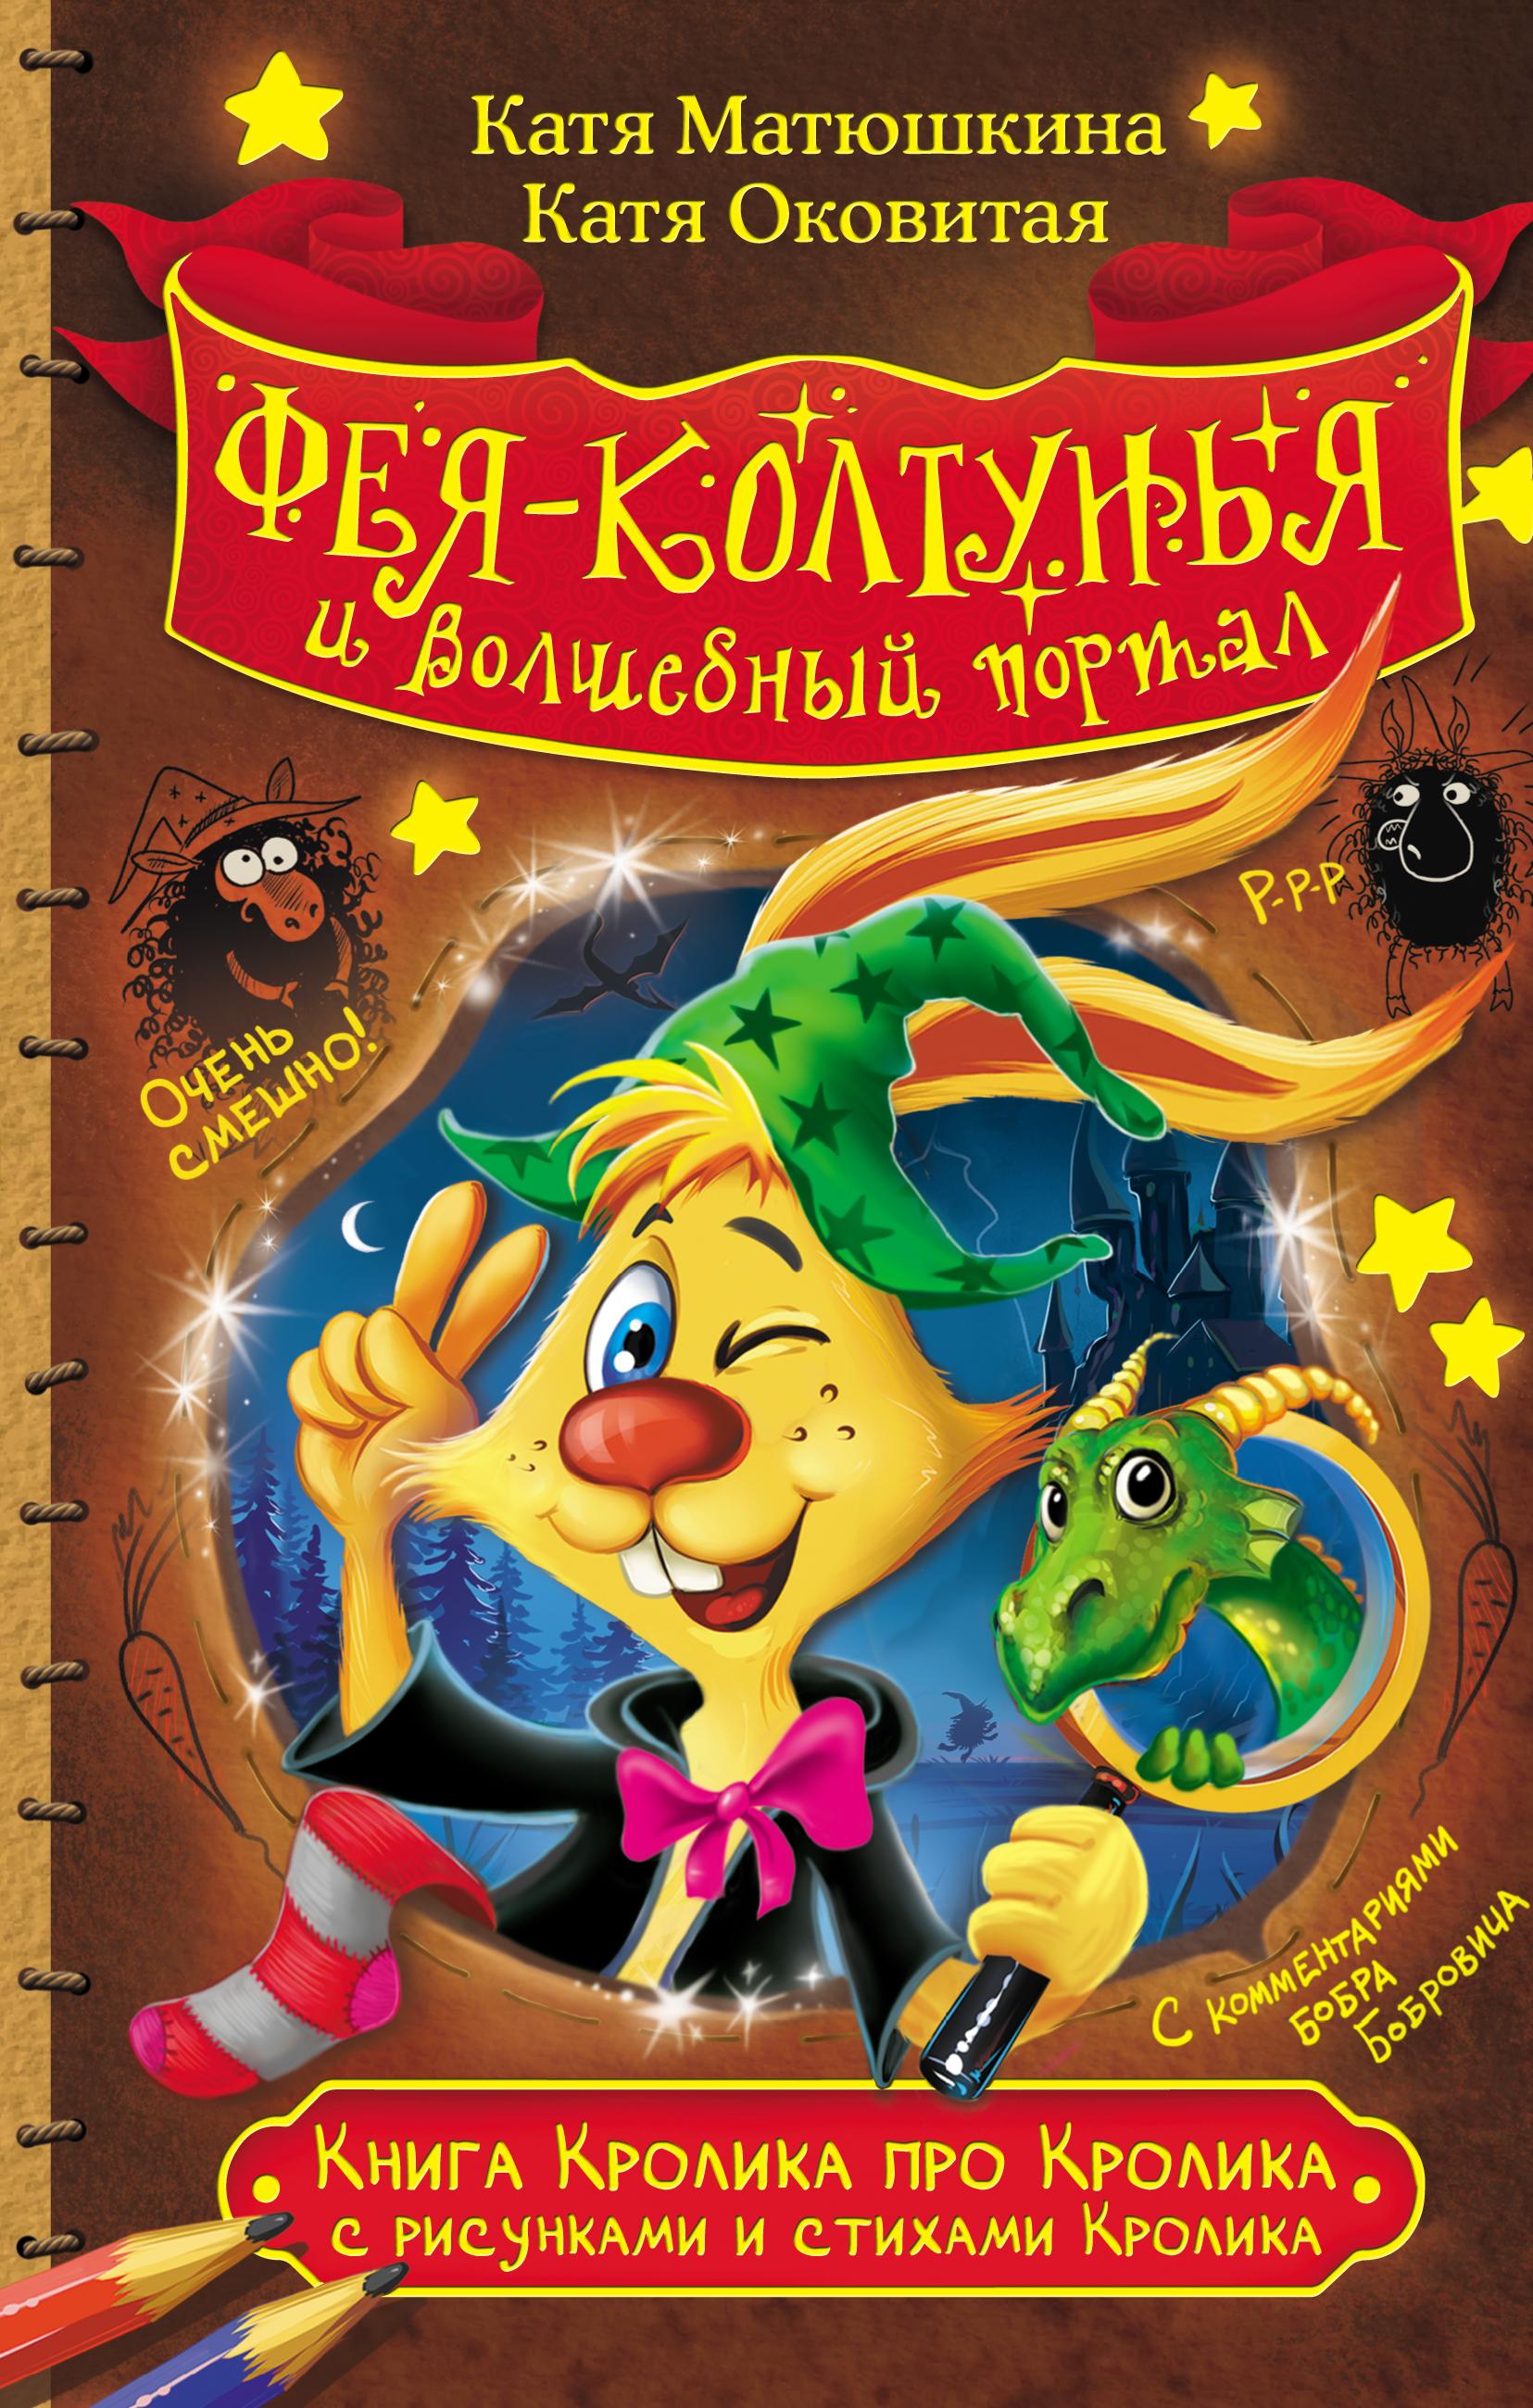 Екатерина Оковитая Книга Кролика про Кролика с рисунками и стихами Кролика. Фея-колтунья и волшебный портал матюшкина к оковитая к фея колтунья и волшебный портал книга кролика про кролика с рисунками и стихами кролика